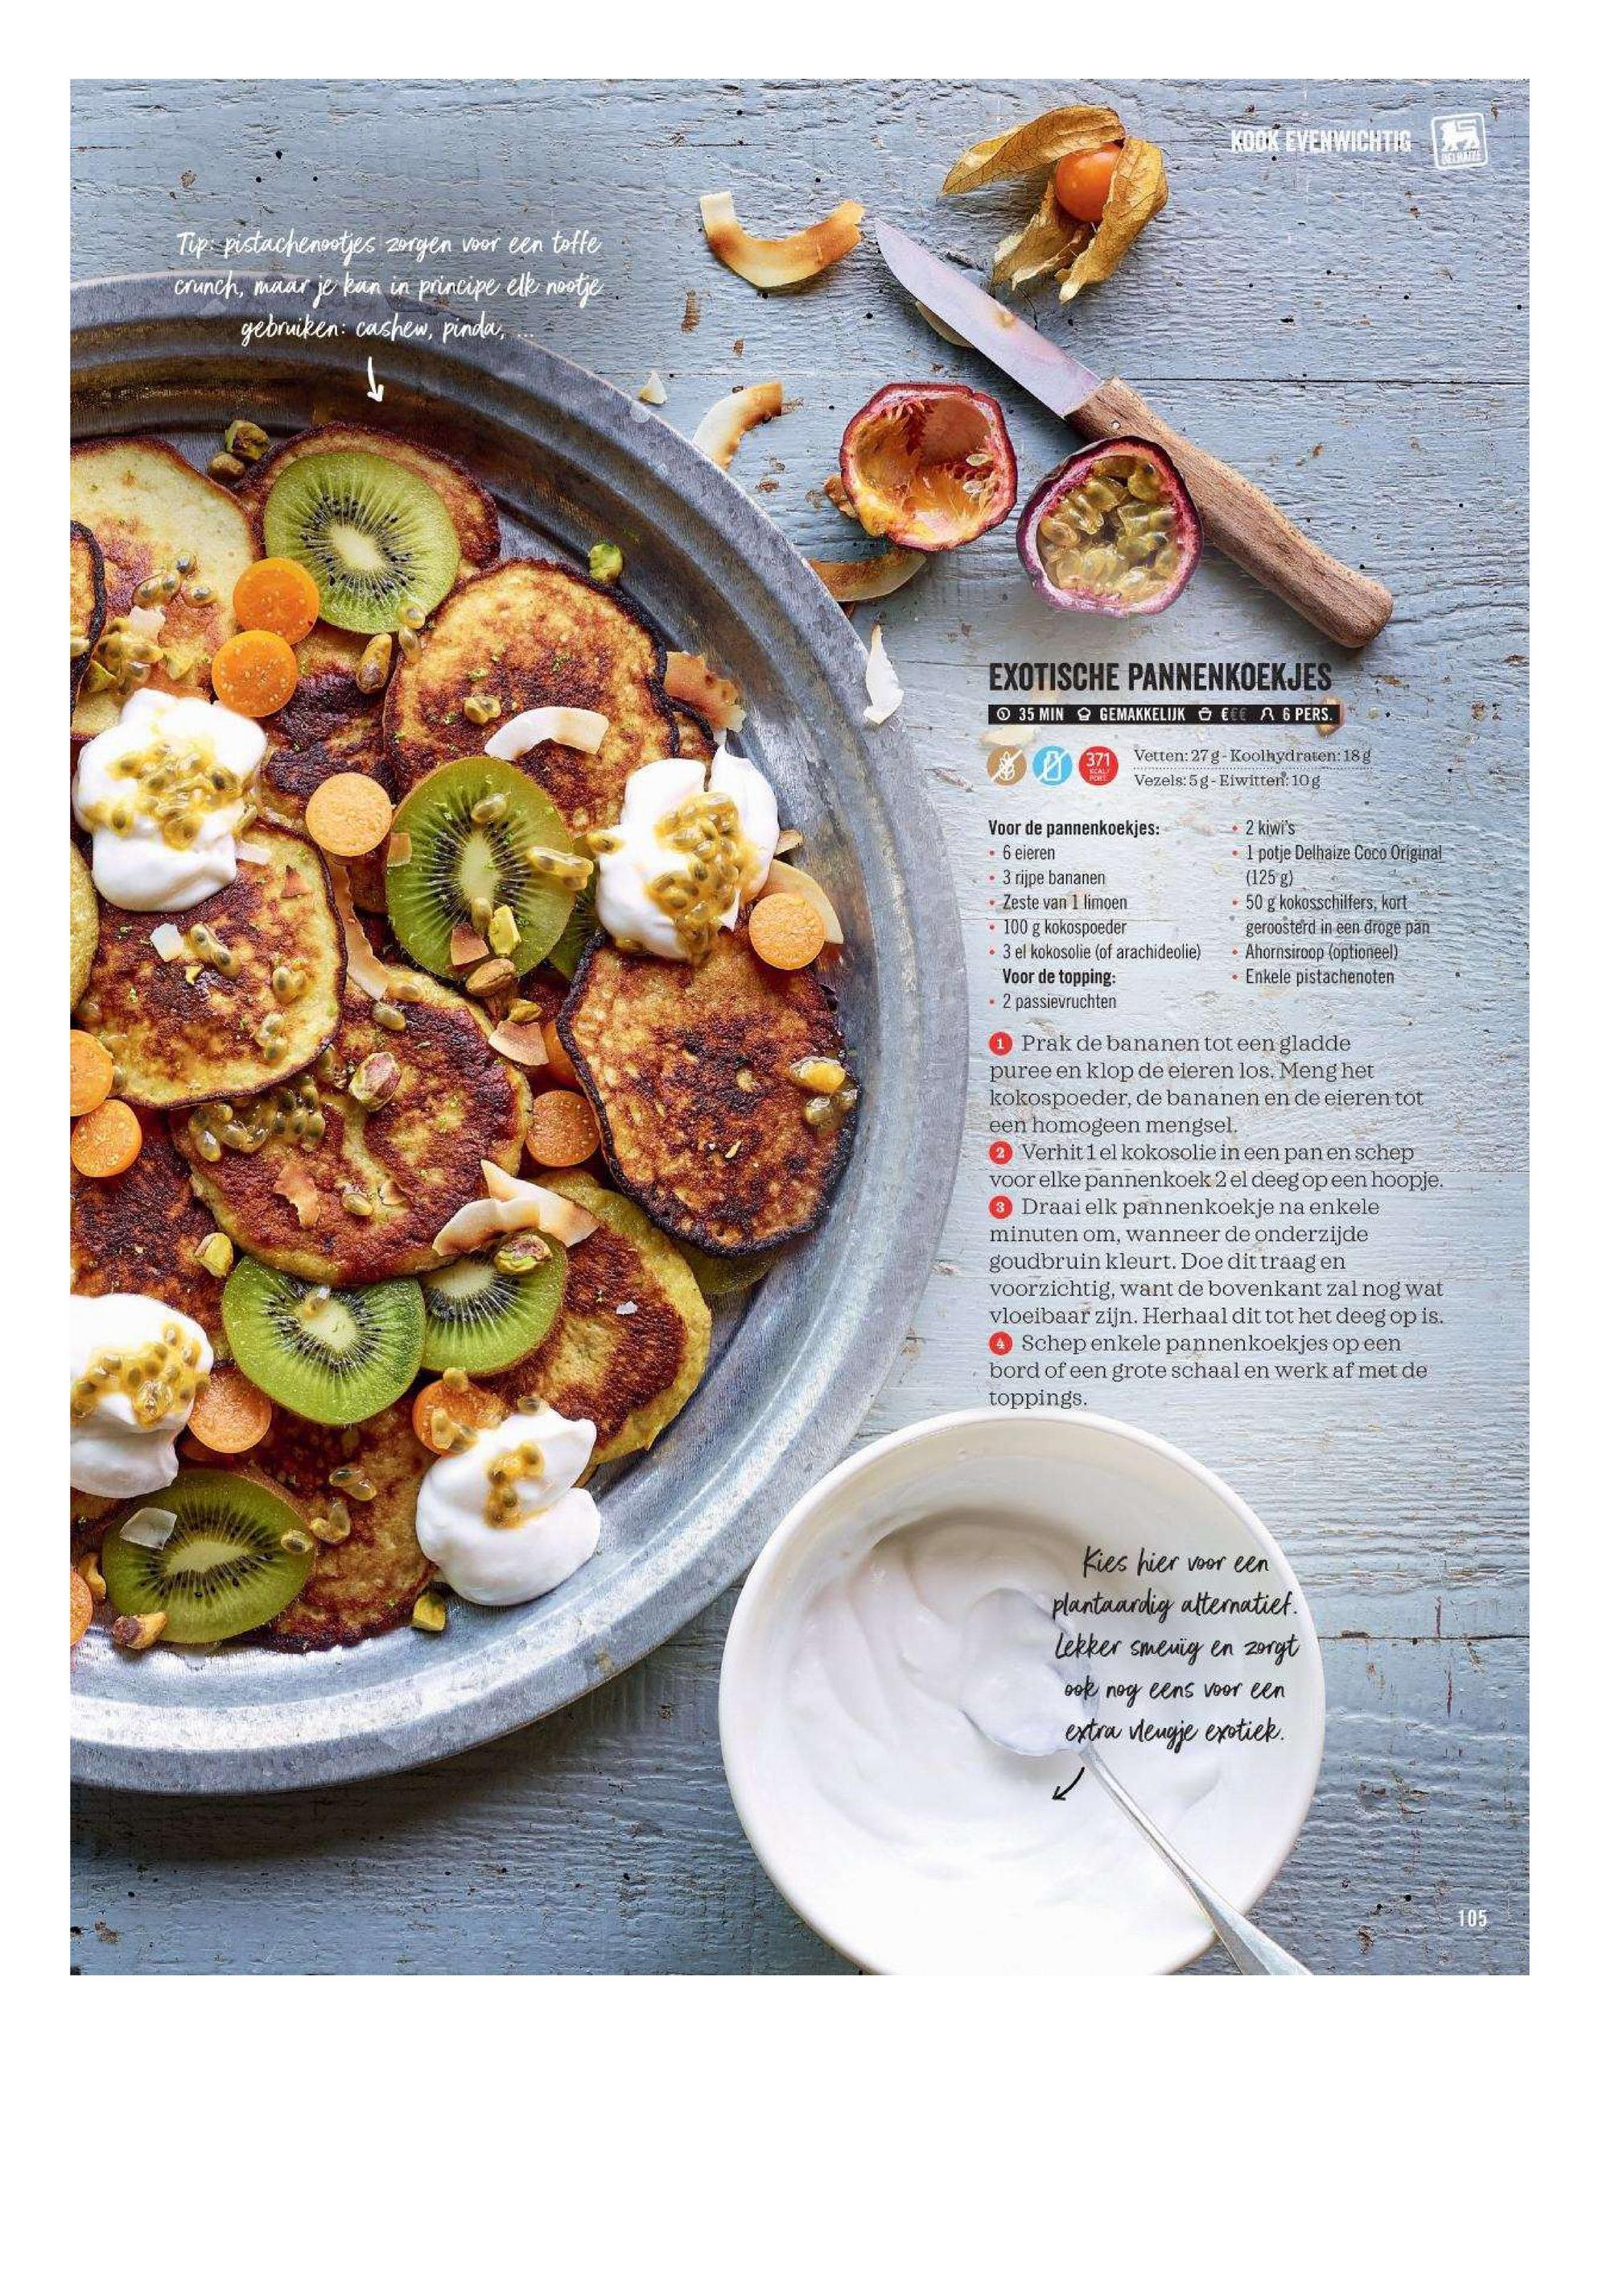 Tips pistachenootjes zorgen voor een toffe crunch, maar je kan in principe elk nootje. gebruiken: cashew, pinda, ... EXOTISCHE PANNENKOEKJES O 35 MIN & GEMAKKELIJK €€ 26 PERS. Vetten: 27 g-Koolhydraten:18g Vezels:5g-Eiwitten: 10g Voor de pannenkoekjes: • 6 eieren • 3 rijpe bananen Zeste van 1 limoen • 100 g kokospoeder - 3 el kokosolie (of arachideolie) Voor de topping: • 2 passievruchten 2 kiwi's I potje Delhaize Coco Original (125 g) 50 g kokosschilfers, kort geroosterd in een droge pan- Ahornsiroop (optioneel) Enkele pistachenoten Prak de bananen tot een gladde puree en klop de eieren los. Meng het kokospoeder, de bananen en de eieren tot een homogeen mengsel. 2 Verhit 1el kokosolie in een pan en schep voor elke pannenkoek 2 el deeg op een hoopje. 3 Draai elk pannenkoekje na enkele minuten om, wanneer de onderzijde goudbruin kleurt. Doe dit traagen voorzichtig, want de bovenkant zal nog wat vloeibaar zijn. Herhaal dit tot het deeg op is. 4 Schep enkele pannenkoekjes op een bord of een grote schaal en werk af met de toppings. Kies hier voor een plantaardig alternatiet. Lekker smerig en zorgt ook nog eens voor een extra vleugje exotiek.